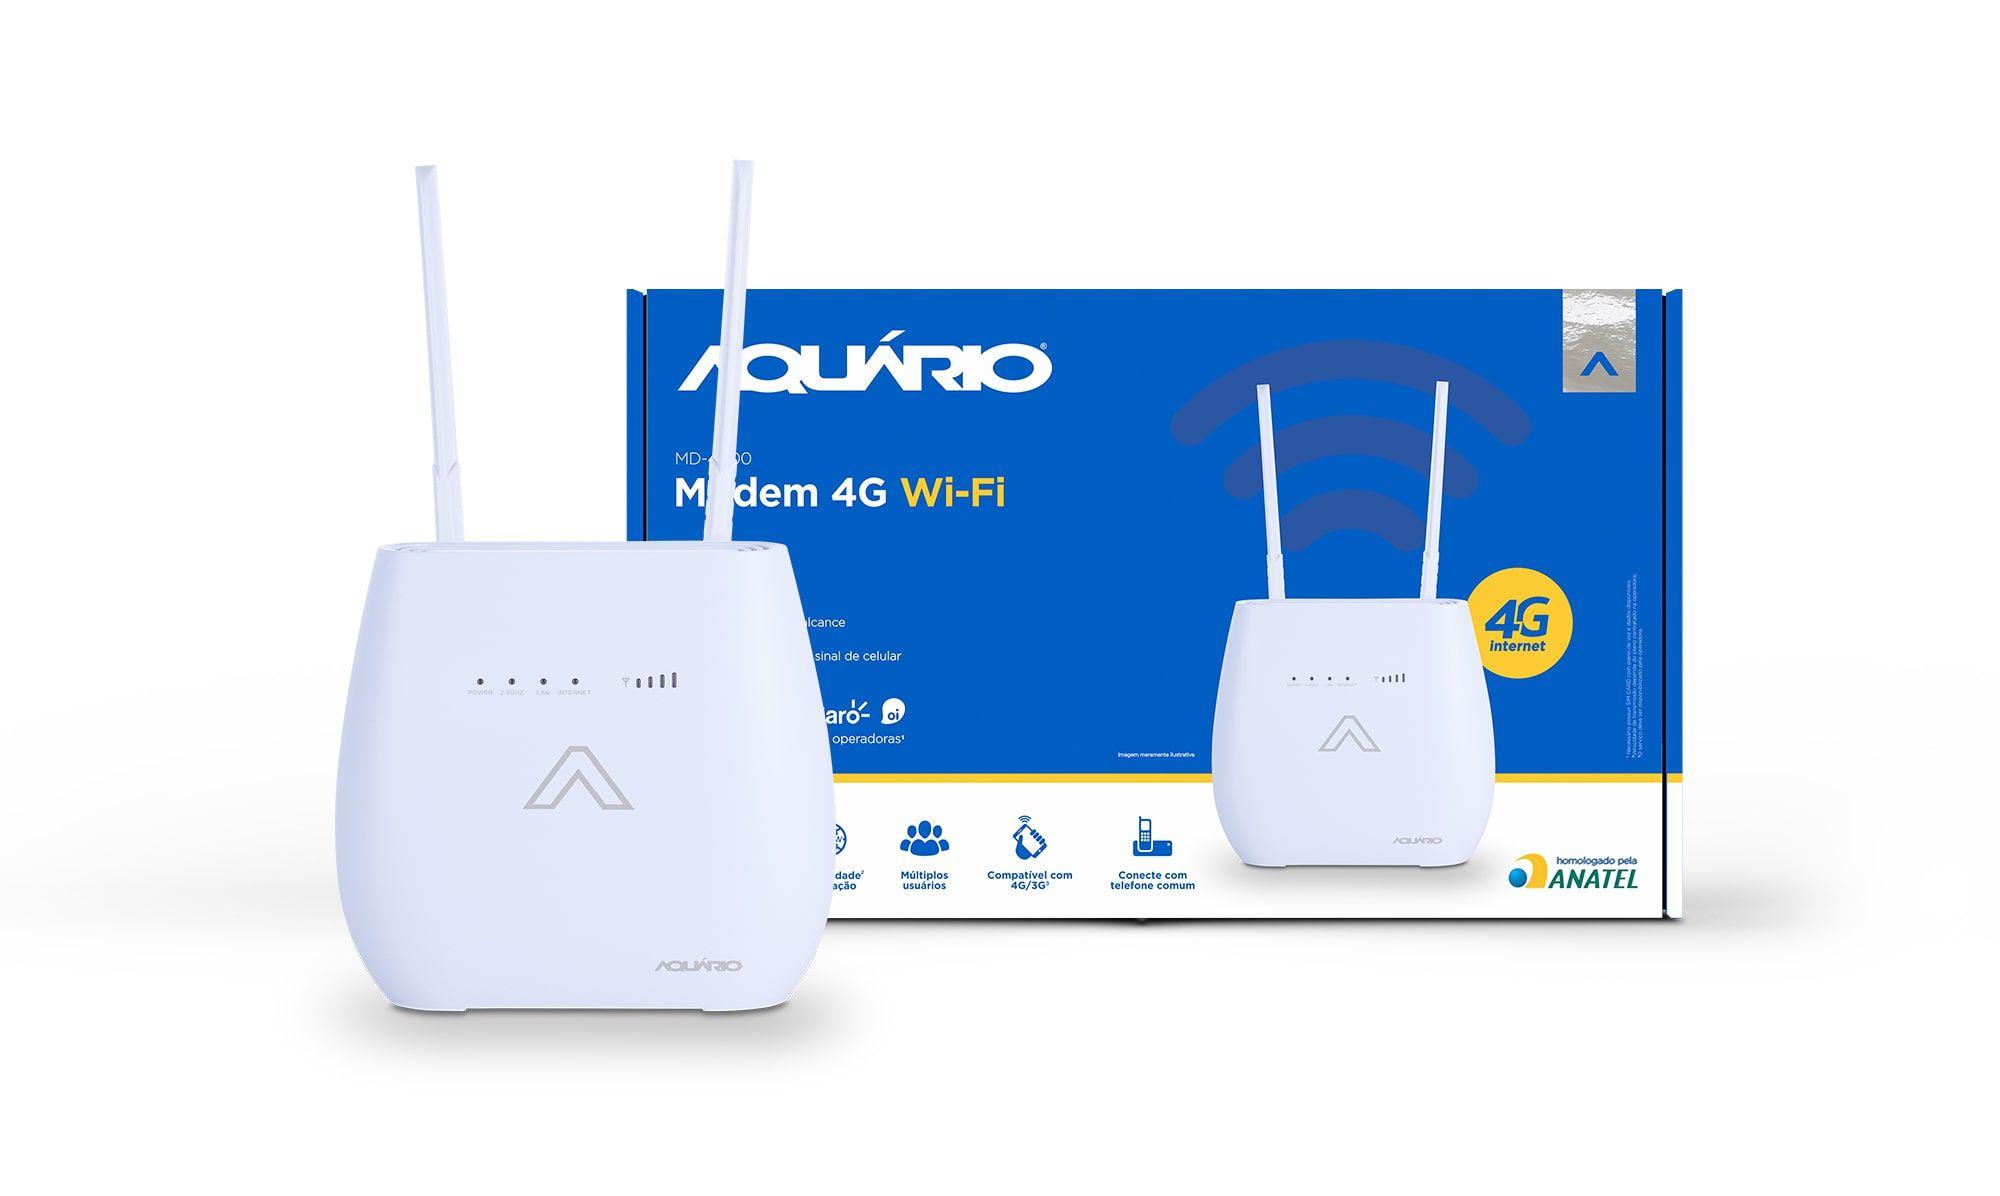 Modem Roteador Desbloqueado 3g 4g Wifi MD4000 Aquário  - EMPORIO K